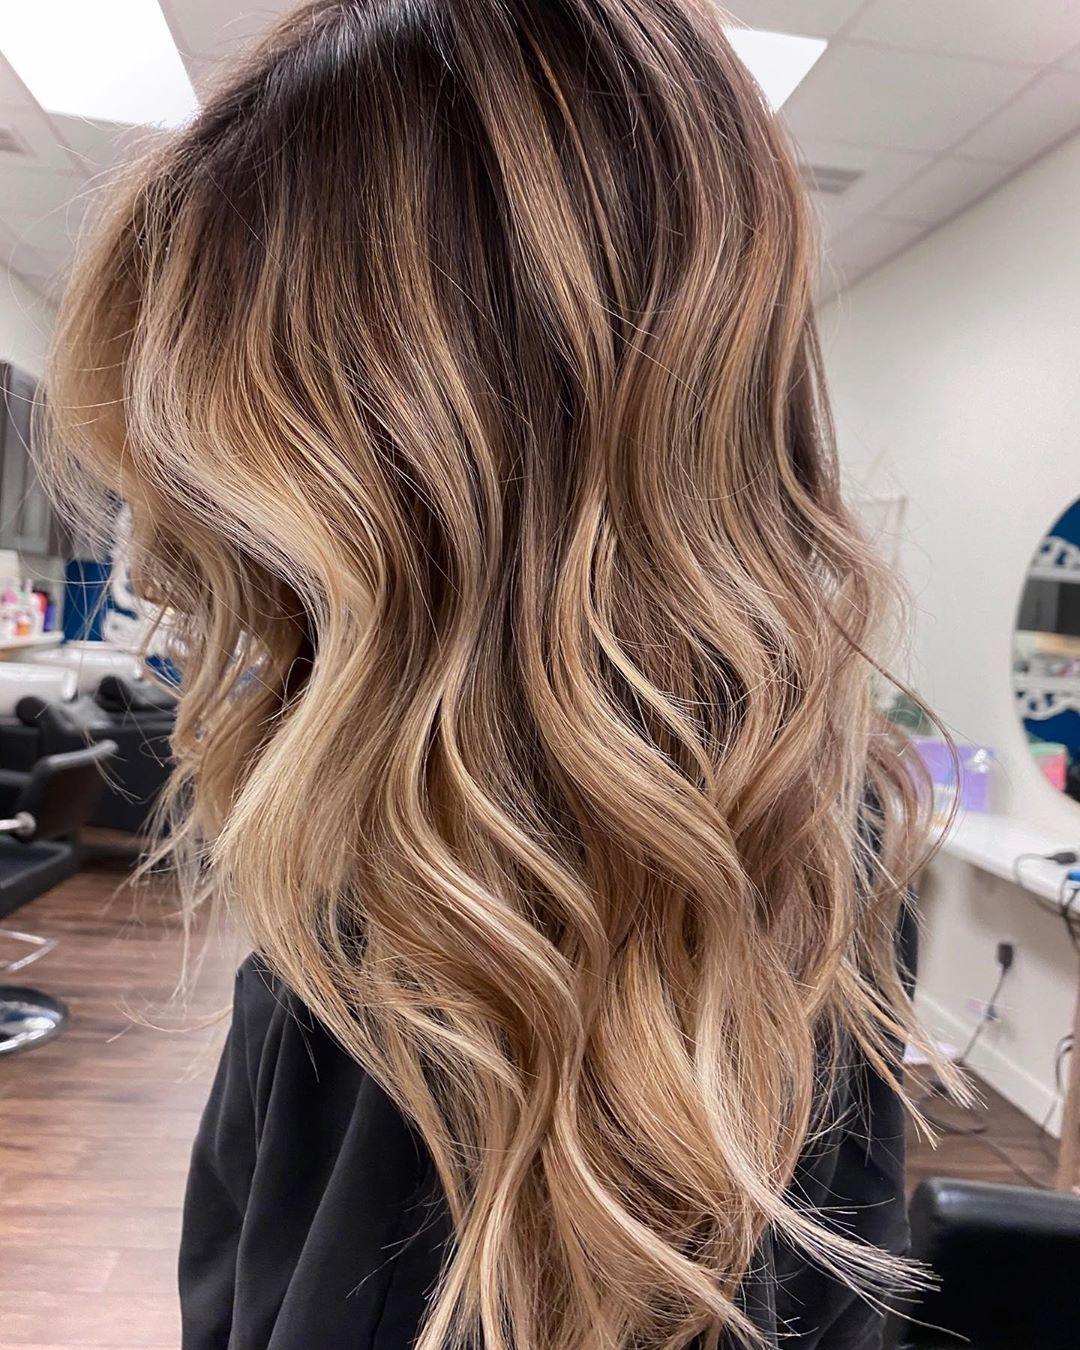 Sehr Schone Naturliche Haarfarbe Die Jede Frau Toll Aussehen Lasst Balayage Haare Blond Mi In 2020 Blonde Haare Mit Strahnen Balayage Haare Blond Braun Blonde Haare